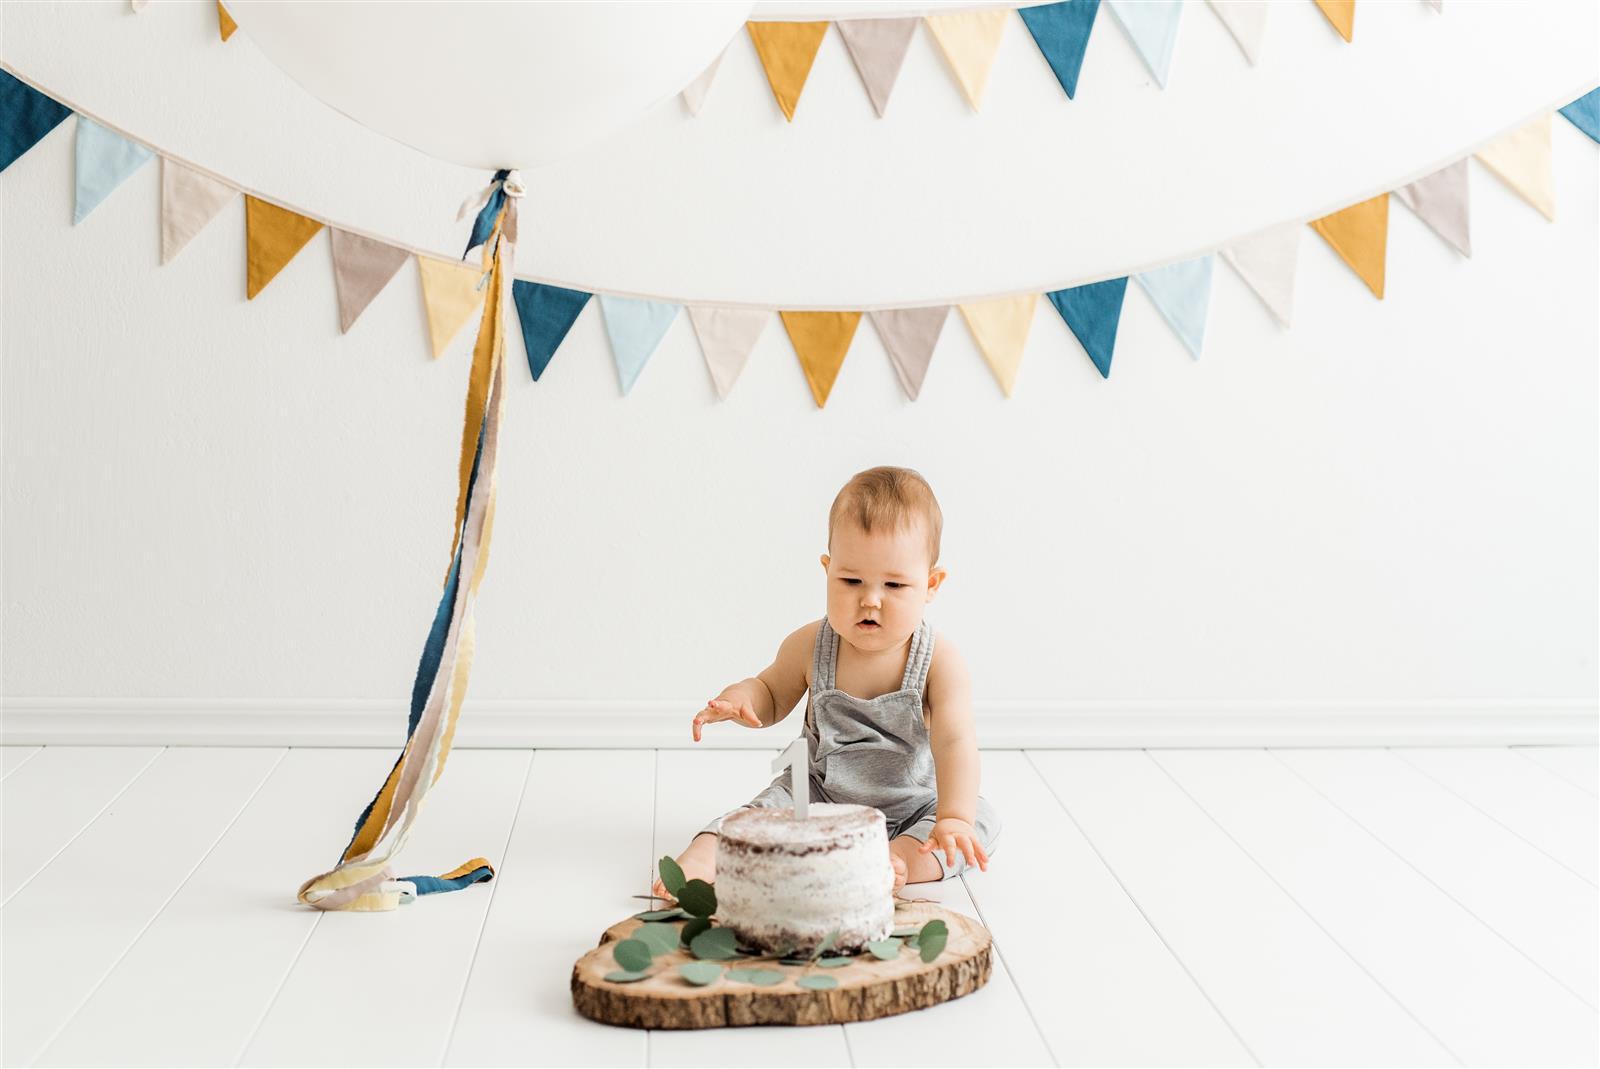 Fotografiranje za prvi rojstni dan, darilo za rojstni dan, darilo za dojenčka, darilo za 1 rojstni dan  1 druzinsko fotografiranje druzin 7